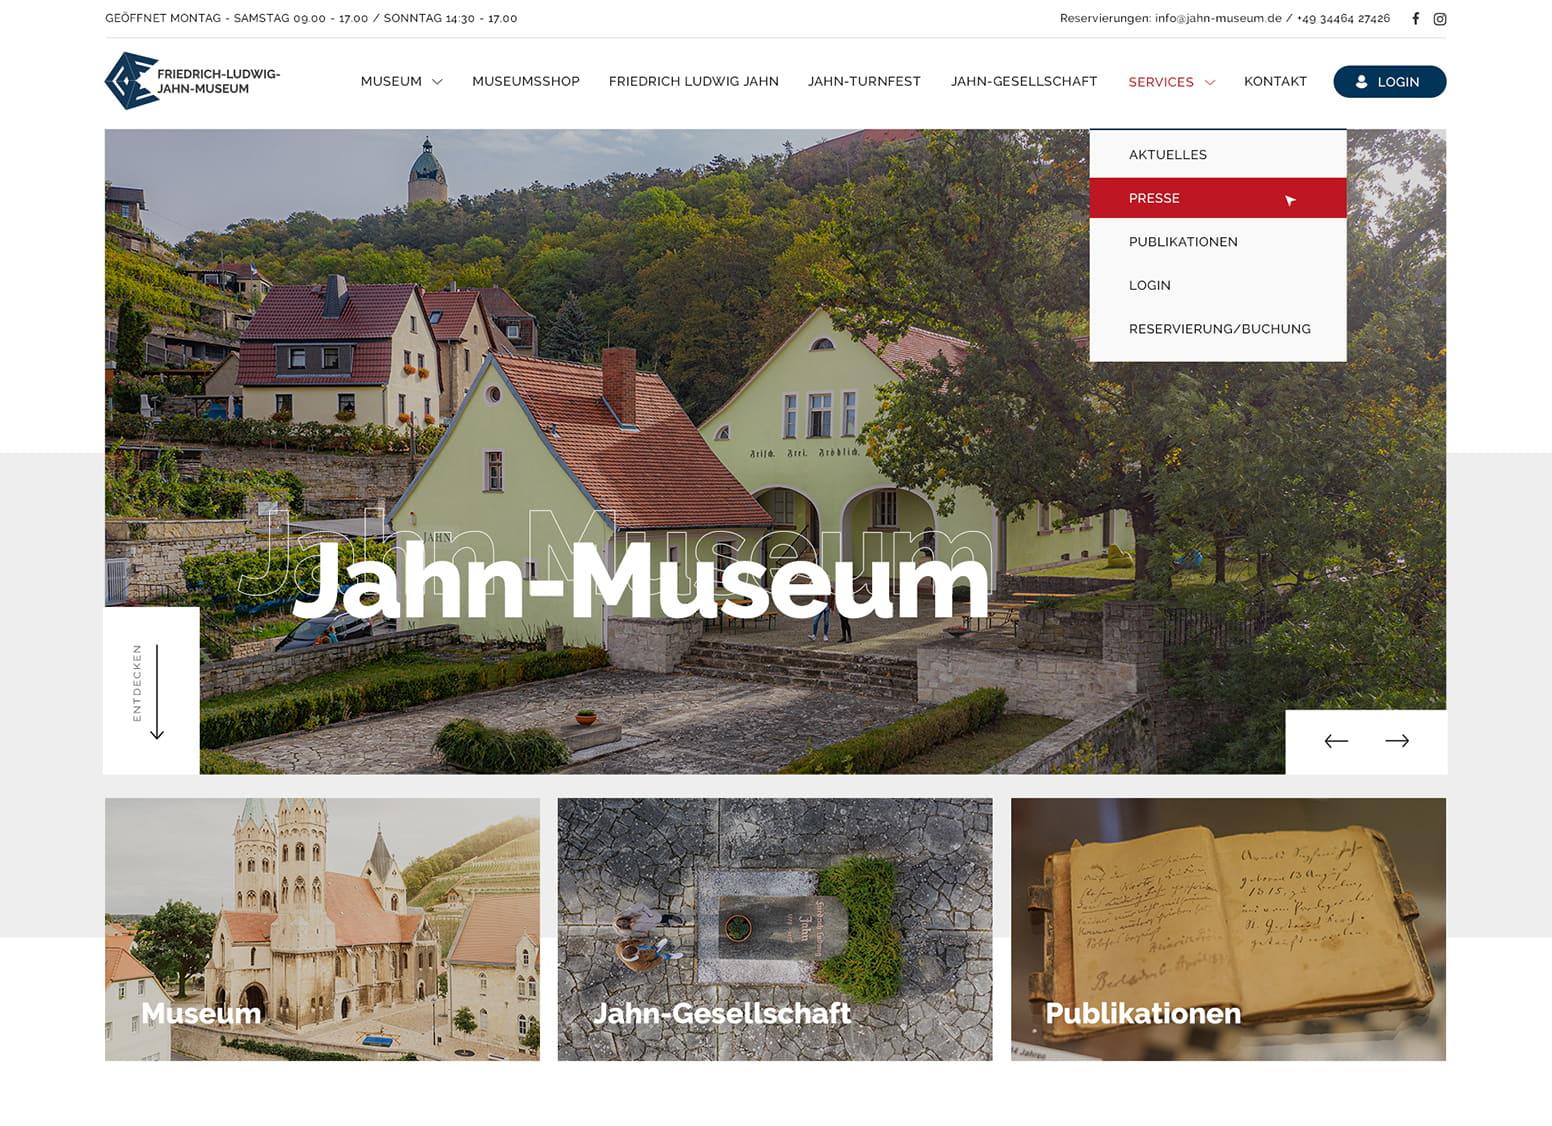 Startseite des Jahn-Museums mit ausklappbarem Menü